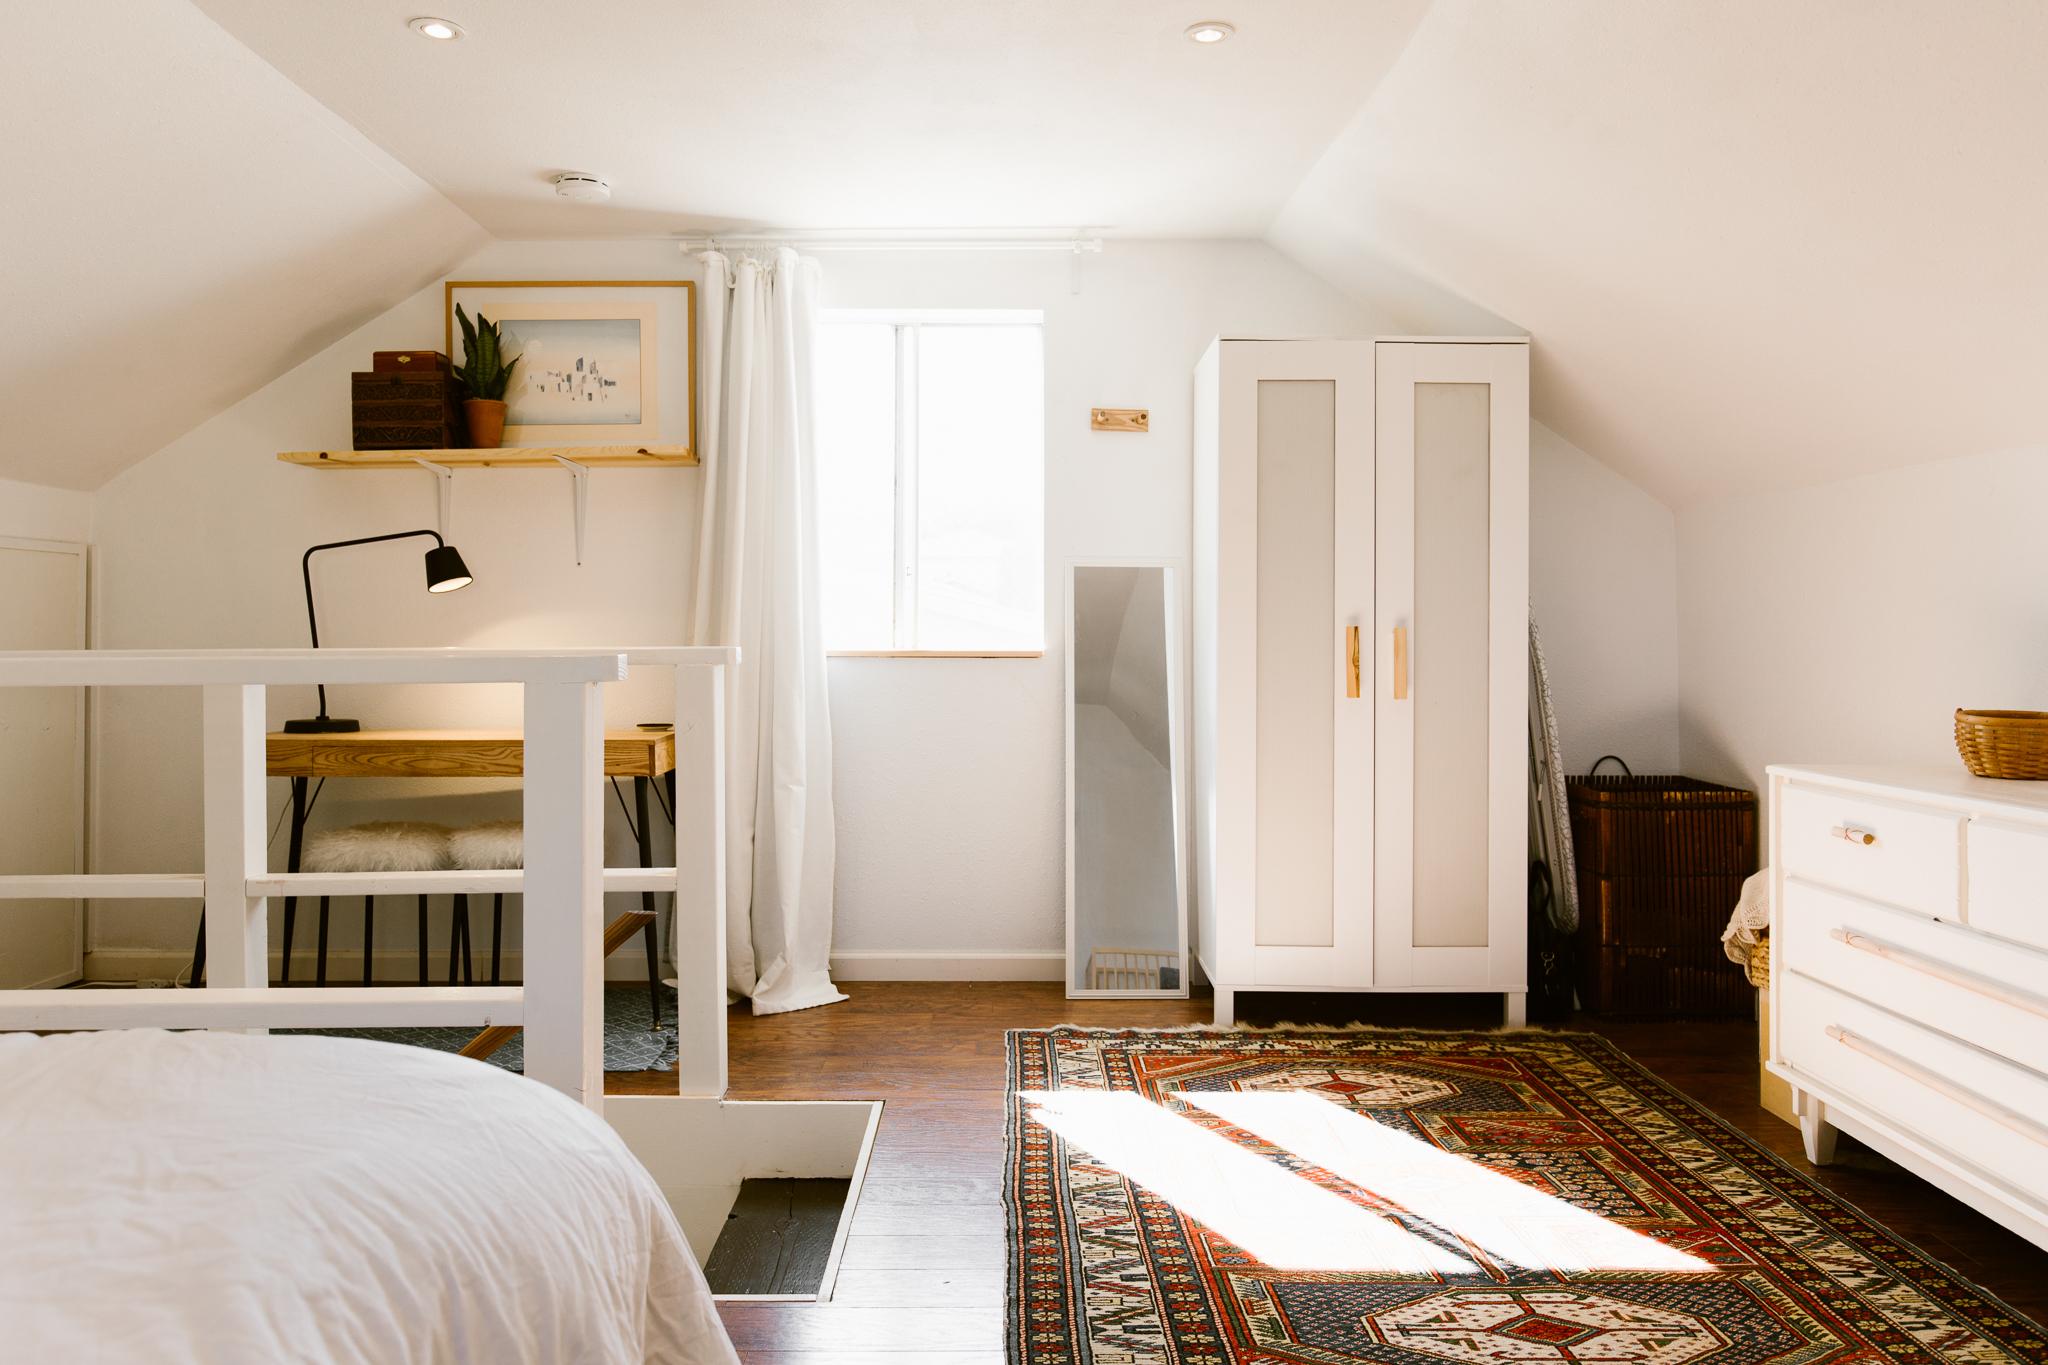 interior design photographer san francisco